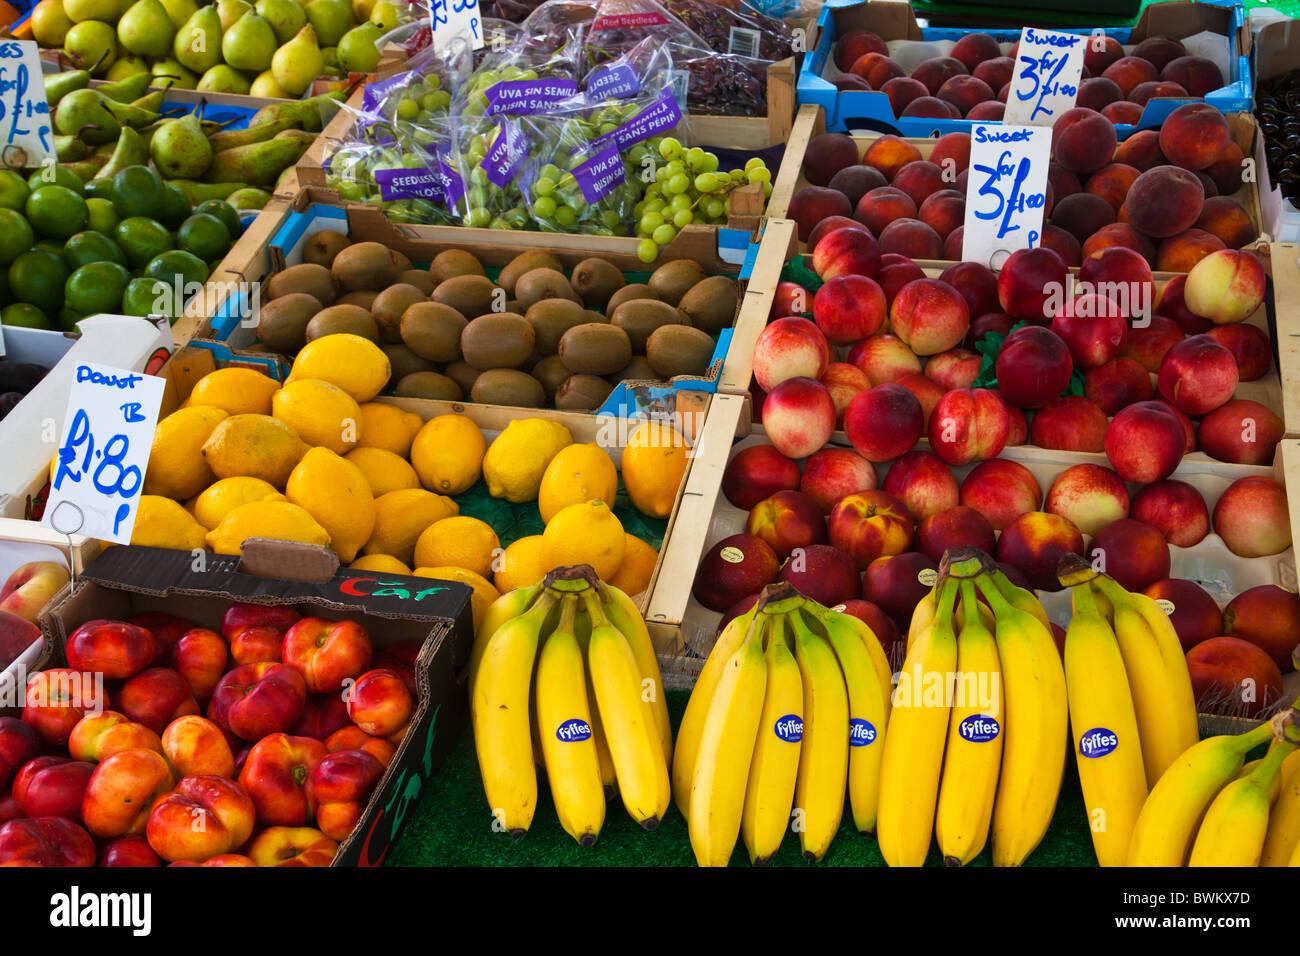 Selección de frutas y hortalizas frescas en calado de frutas y verduras en el mercado de Portobello Road Imagen De Stock